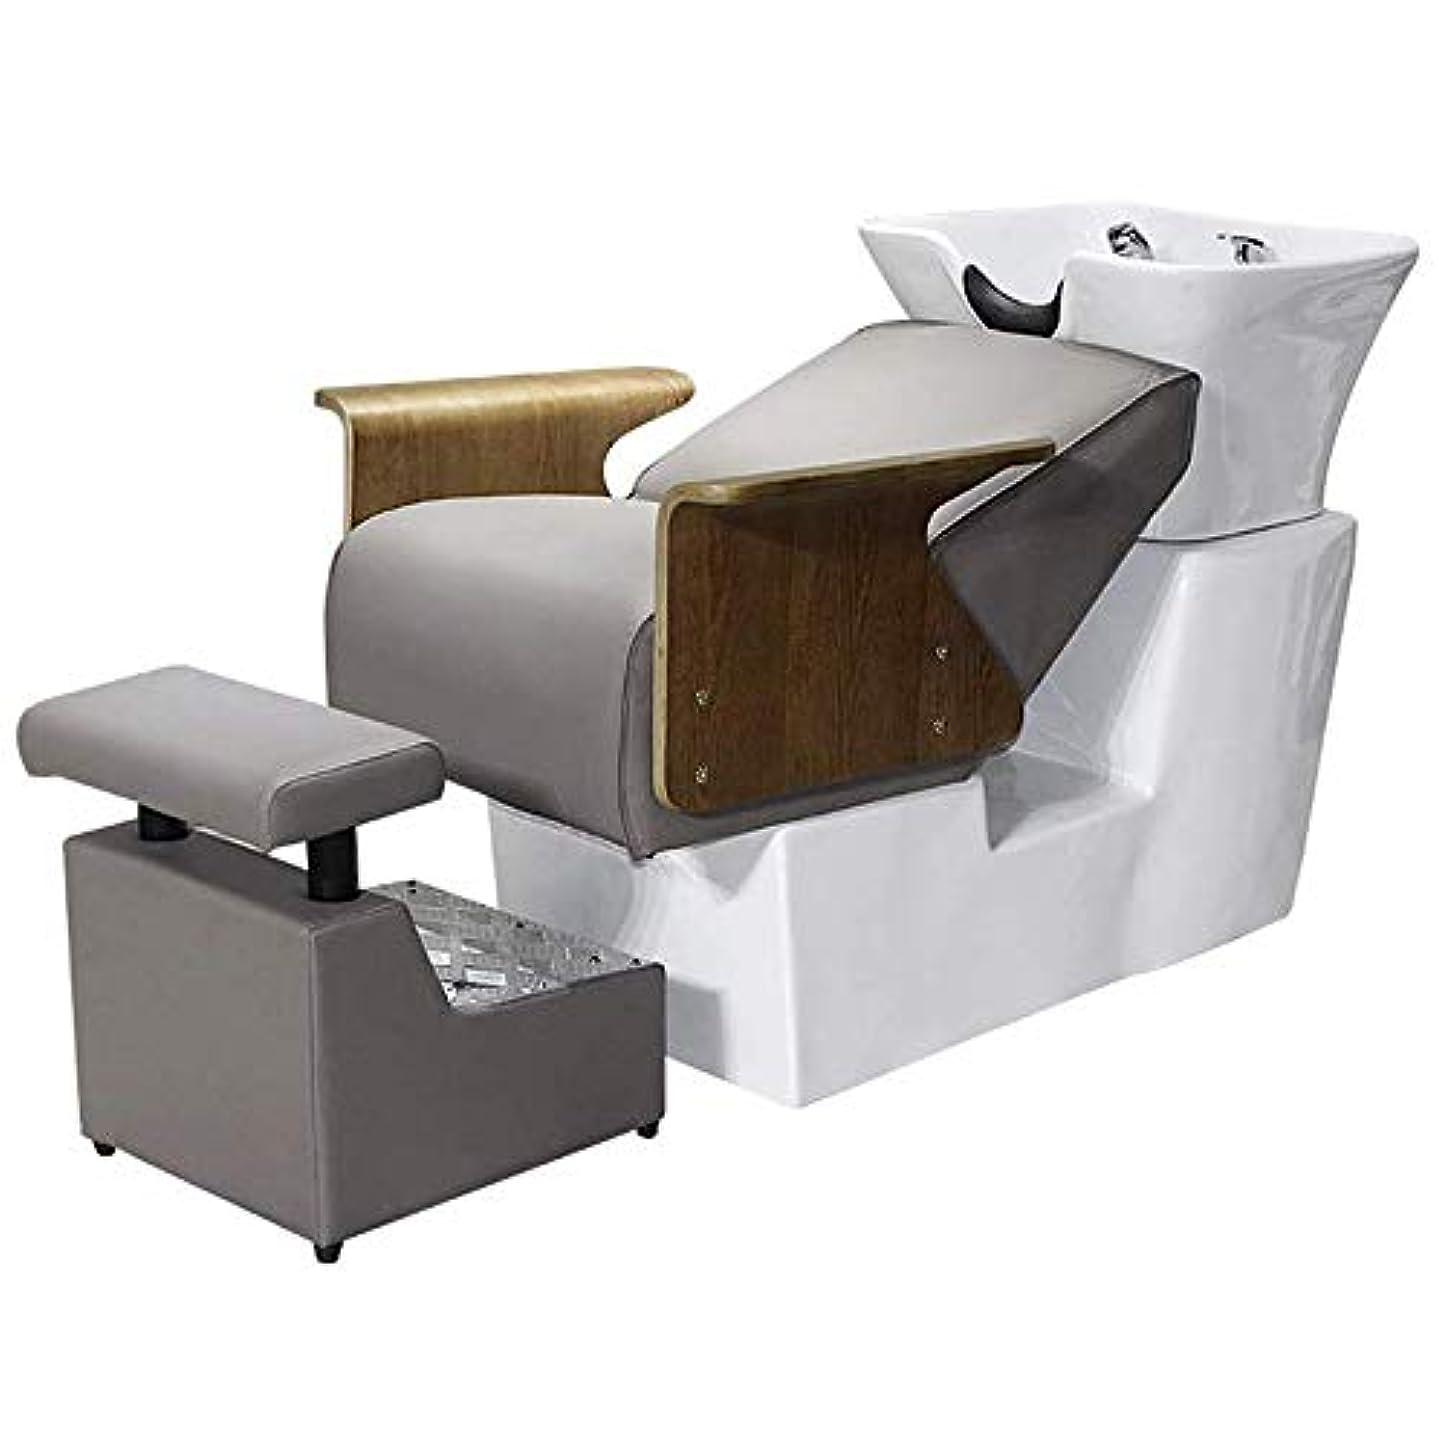 地元キャベツキャリッジサロン用シャンプー椅子とボウル、 セラミック洗面器シャンプーベッド逆洗ユニットシャンプーボウル理髪シンク椅子用スパビューティーサロン機器